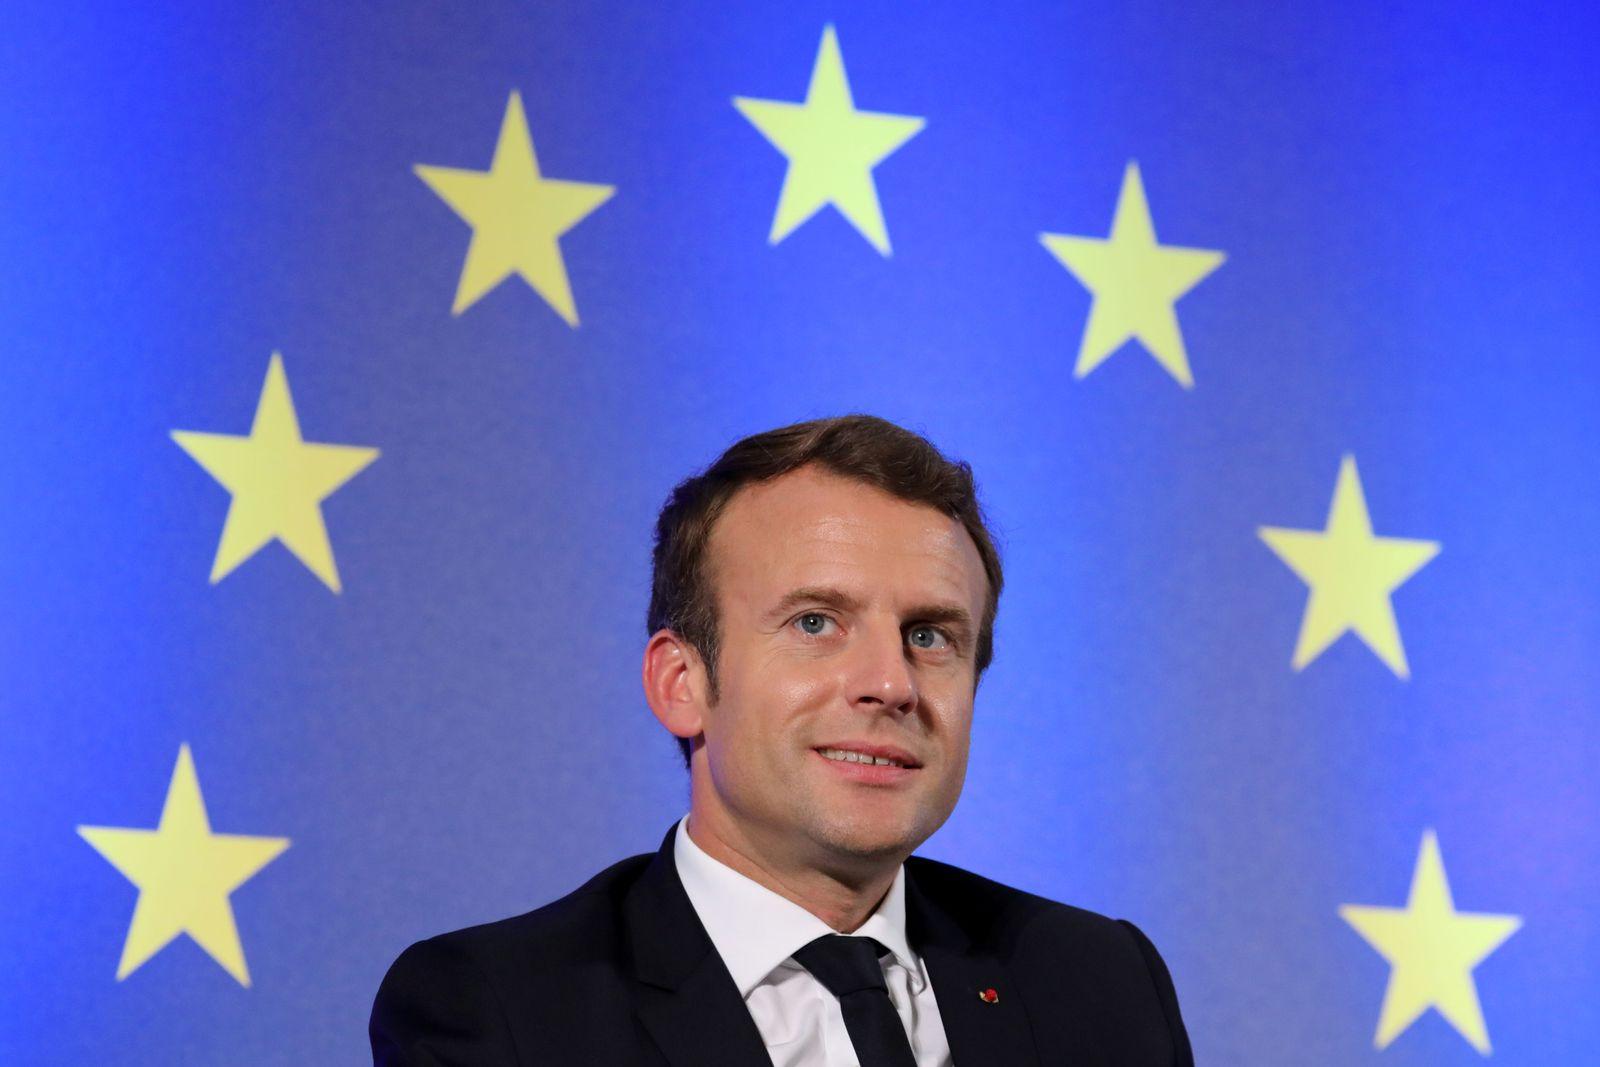 Emmanuel Macron / EU